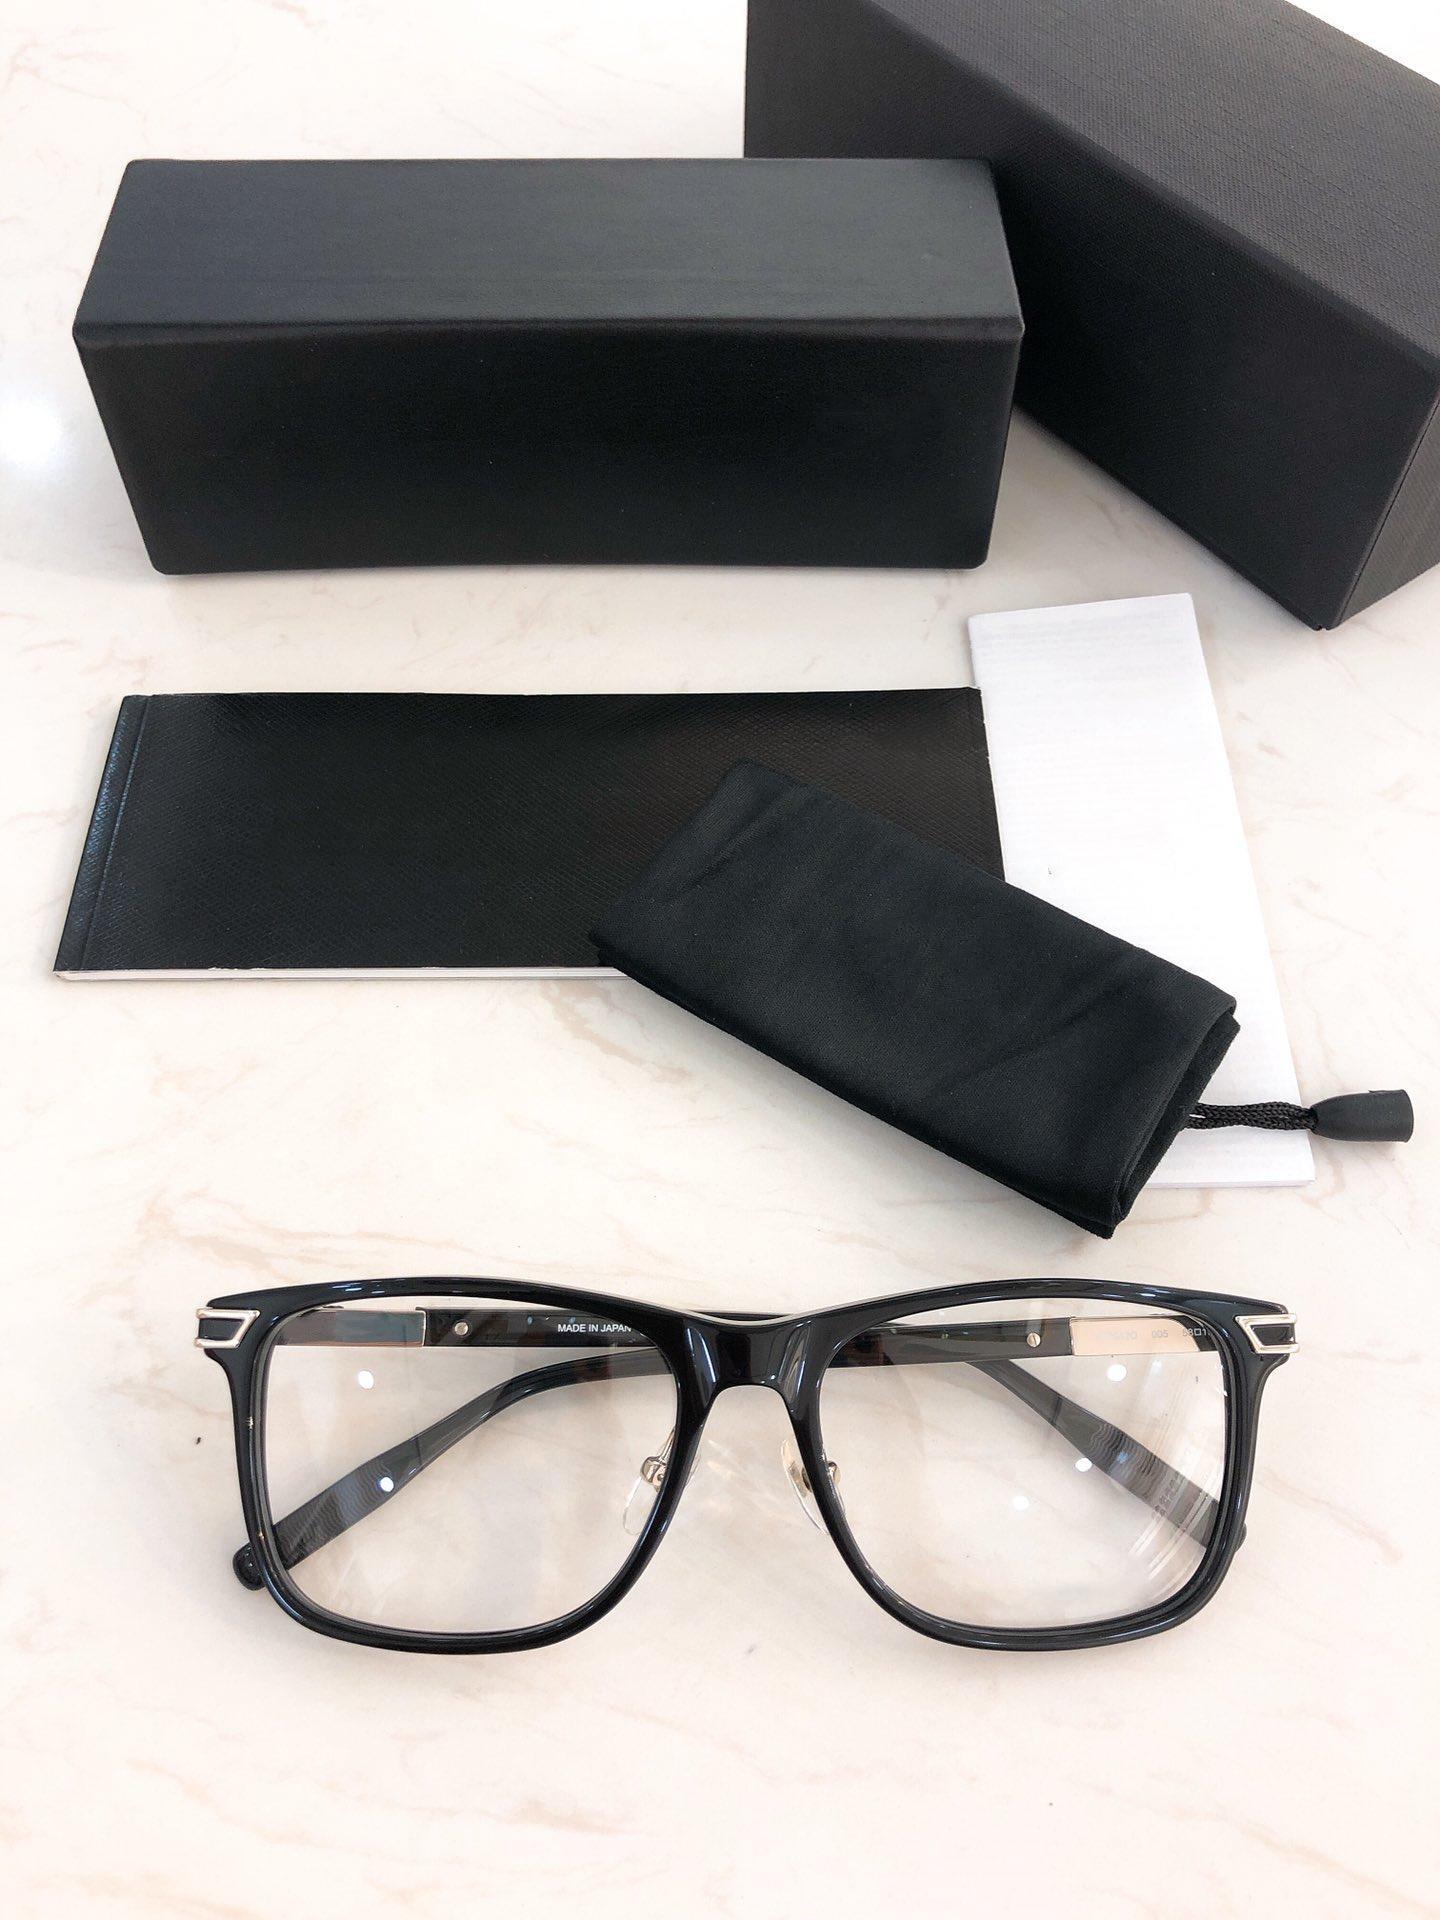 Projetado Óculos de Armação-2019 nova placa de alta qualidade grande quadro quadrado óculos de armação de óculos de armação de óculos dos homens quadro 0042O